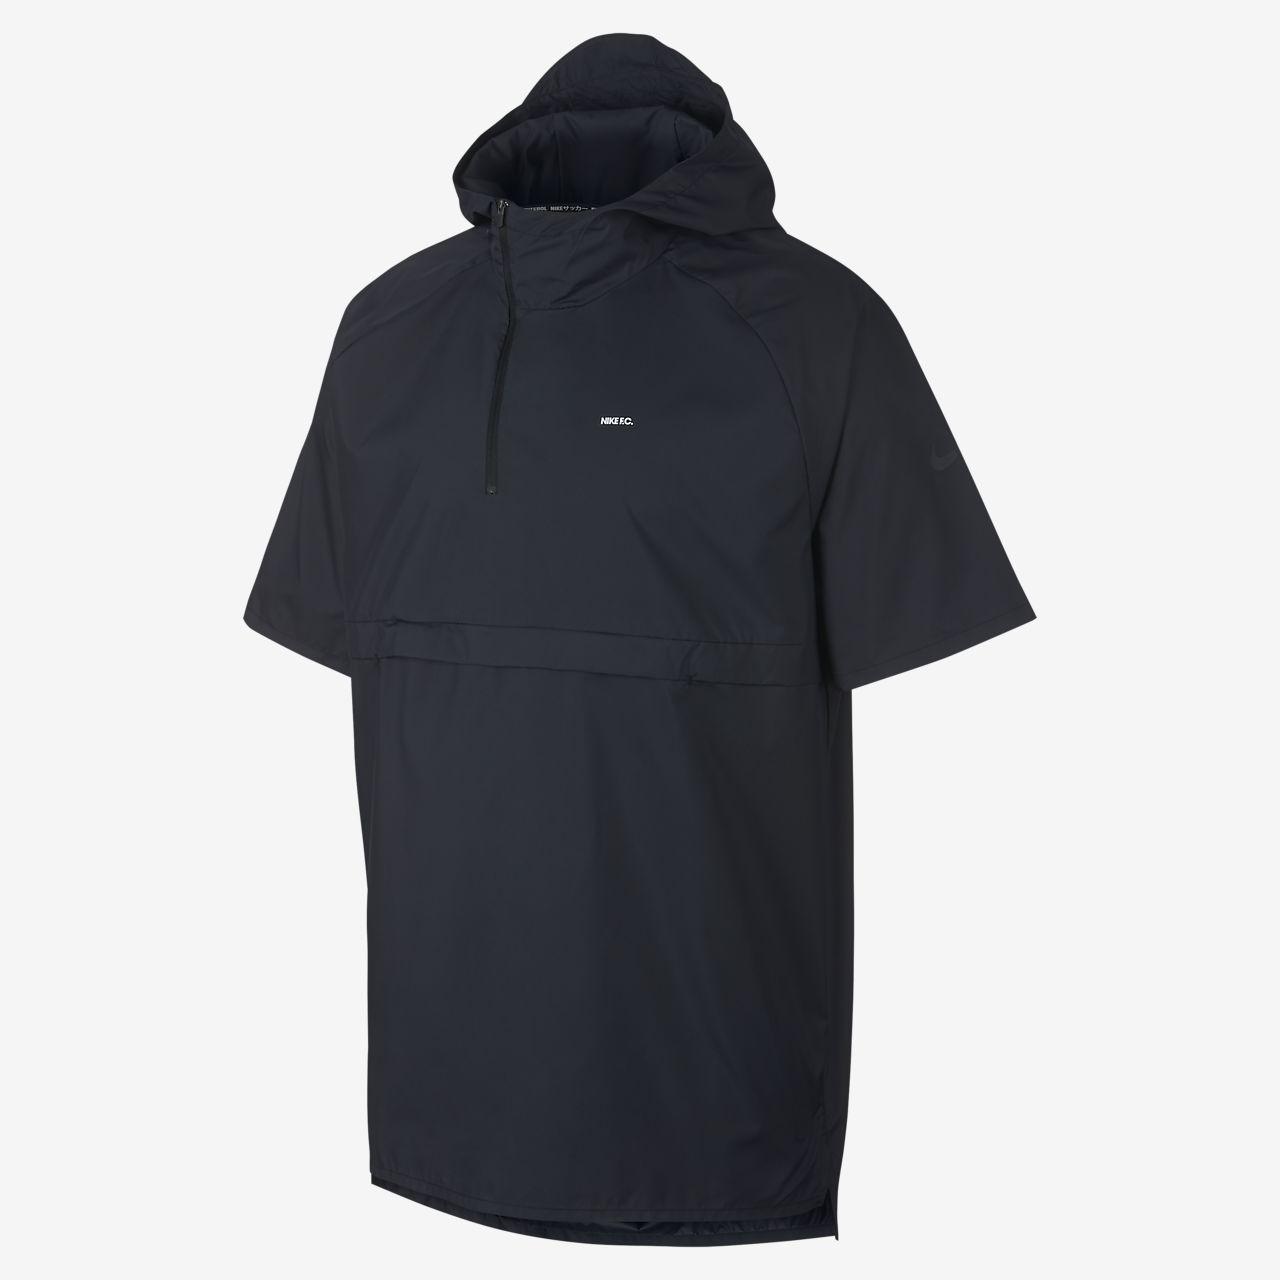 Pánská fotbalová bunda s krátkými rukávy a kapucí Nike F.C.